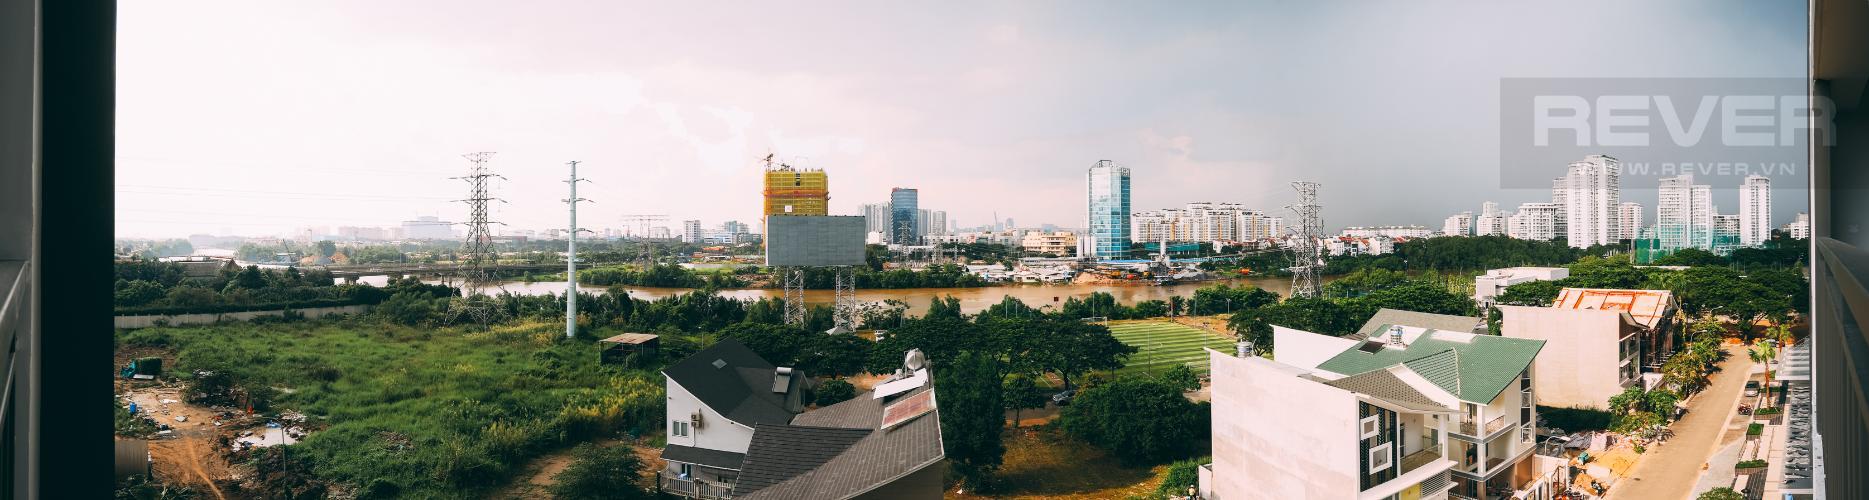 View Bán căn hộ Sunrise Riverside 3PN, tầng cao, tháp G1, diện tích rộng rãi